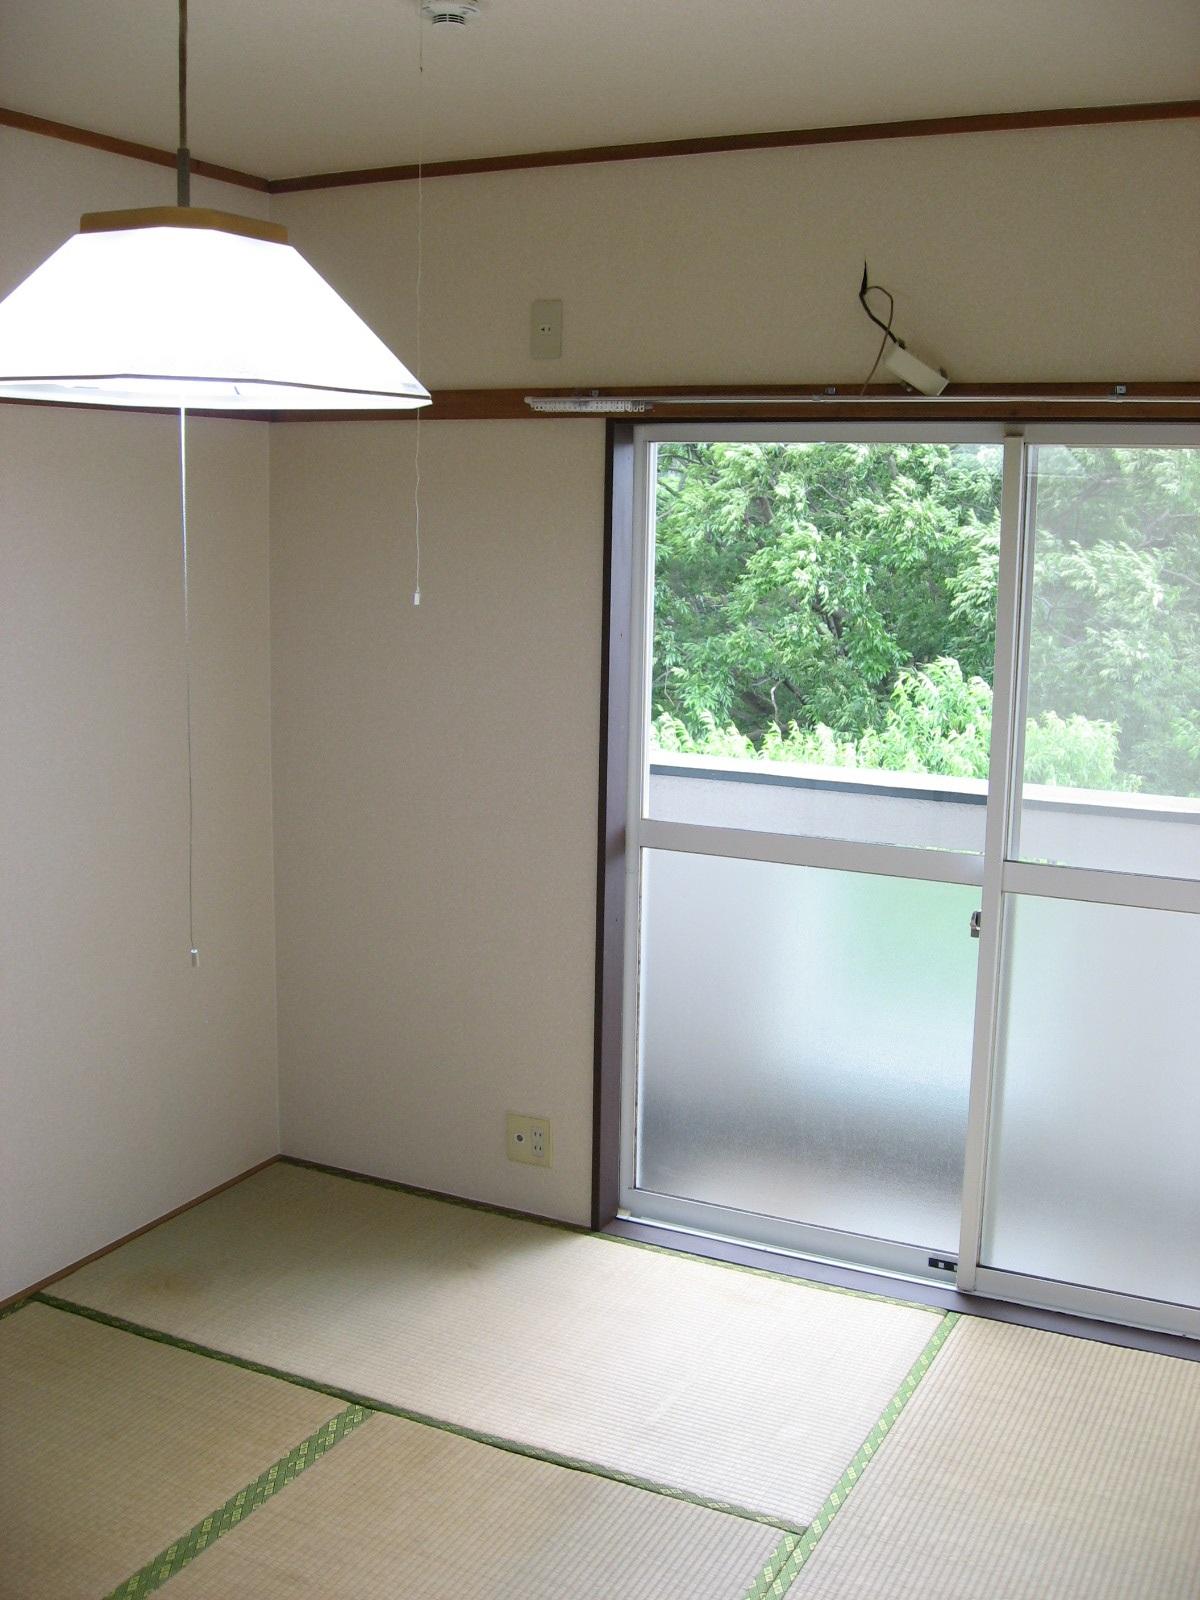 その他部屋・スペース 和室に南向きバルコニーがありその向こうにも緑が・・・。